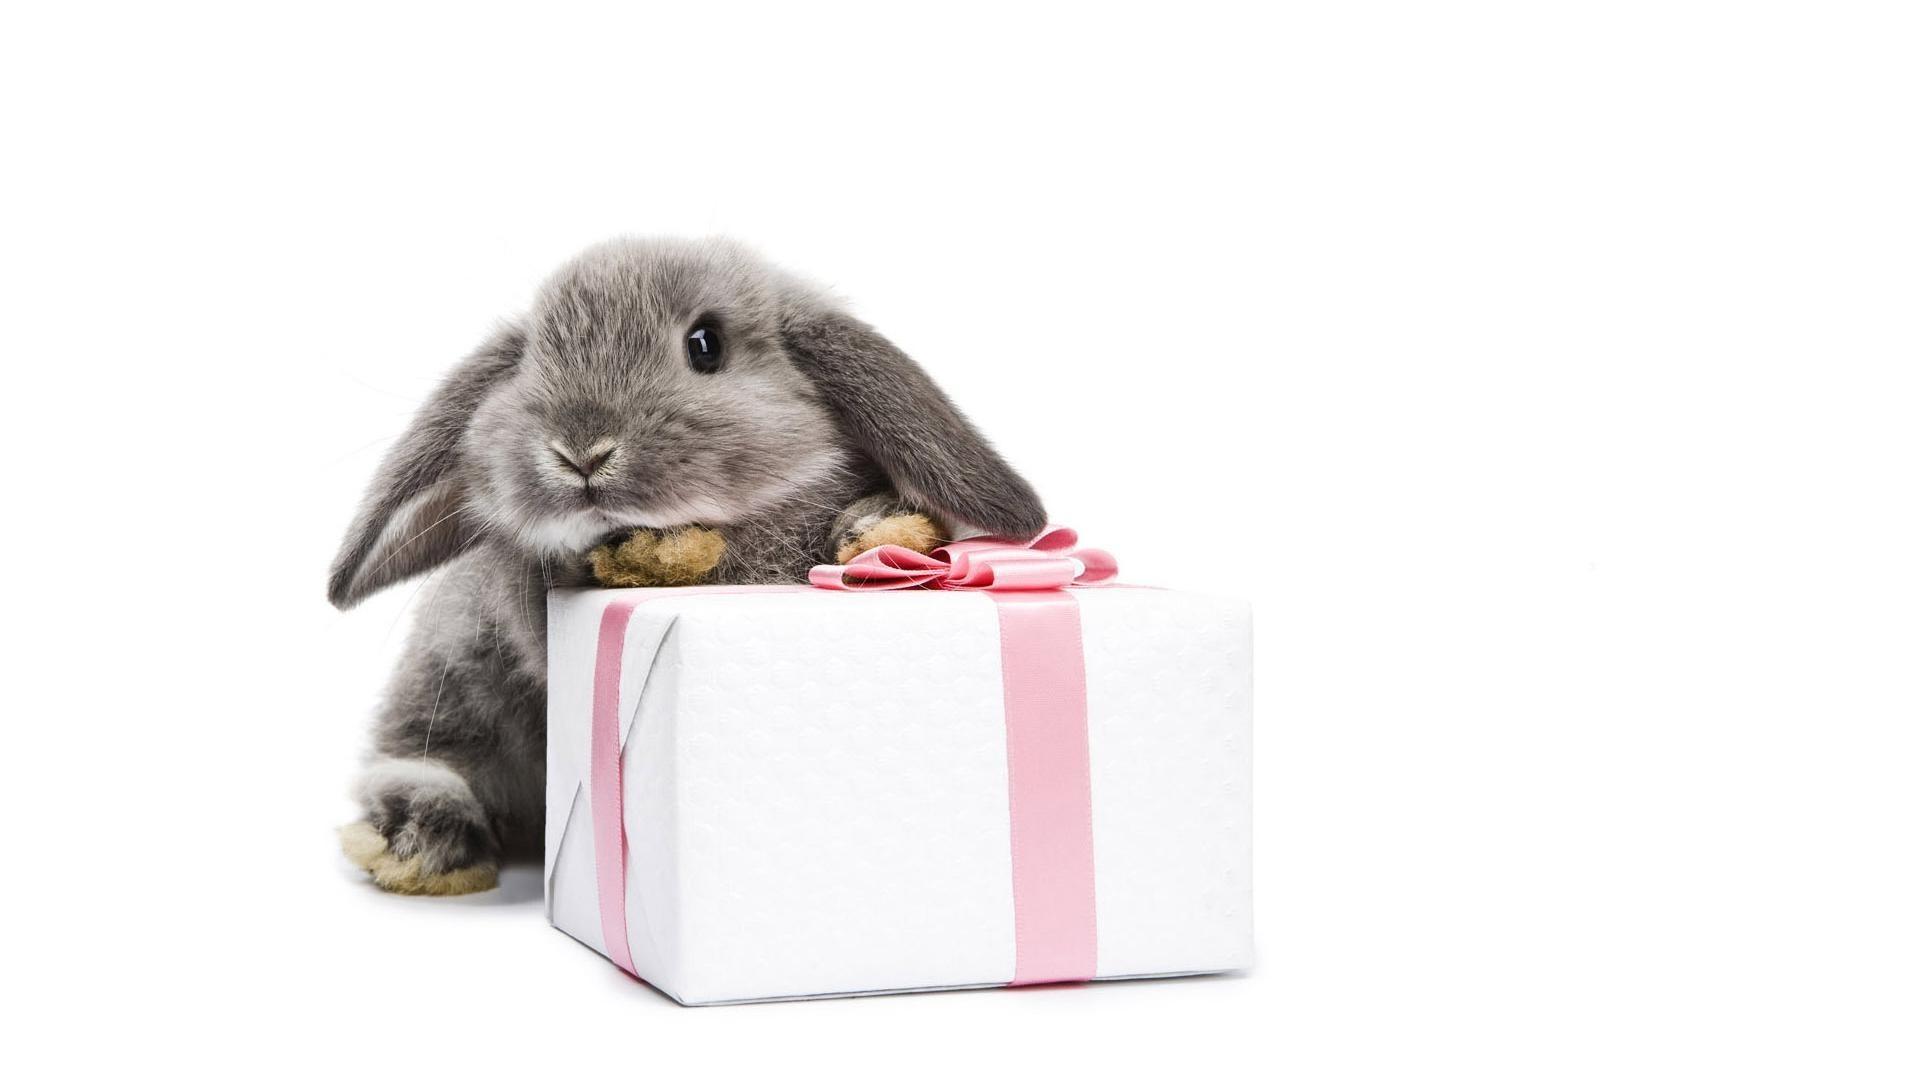 испуганный кролик  № 367654 загрузить